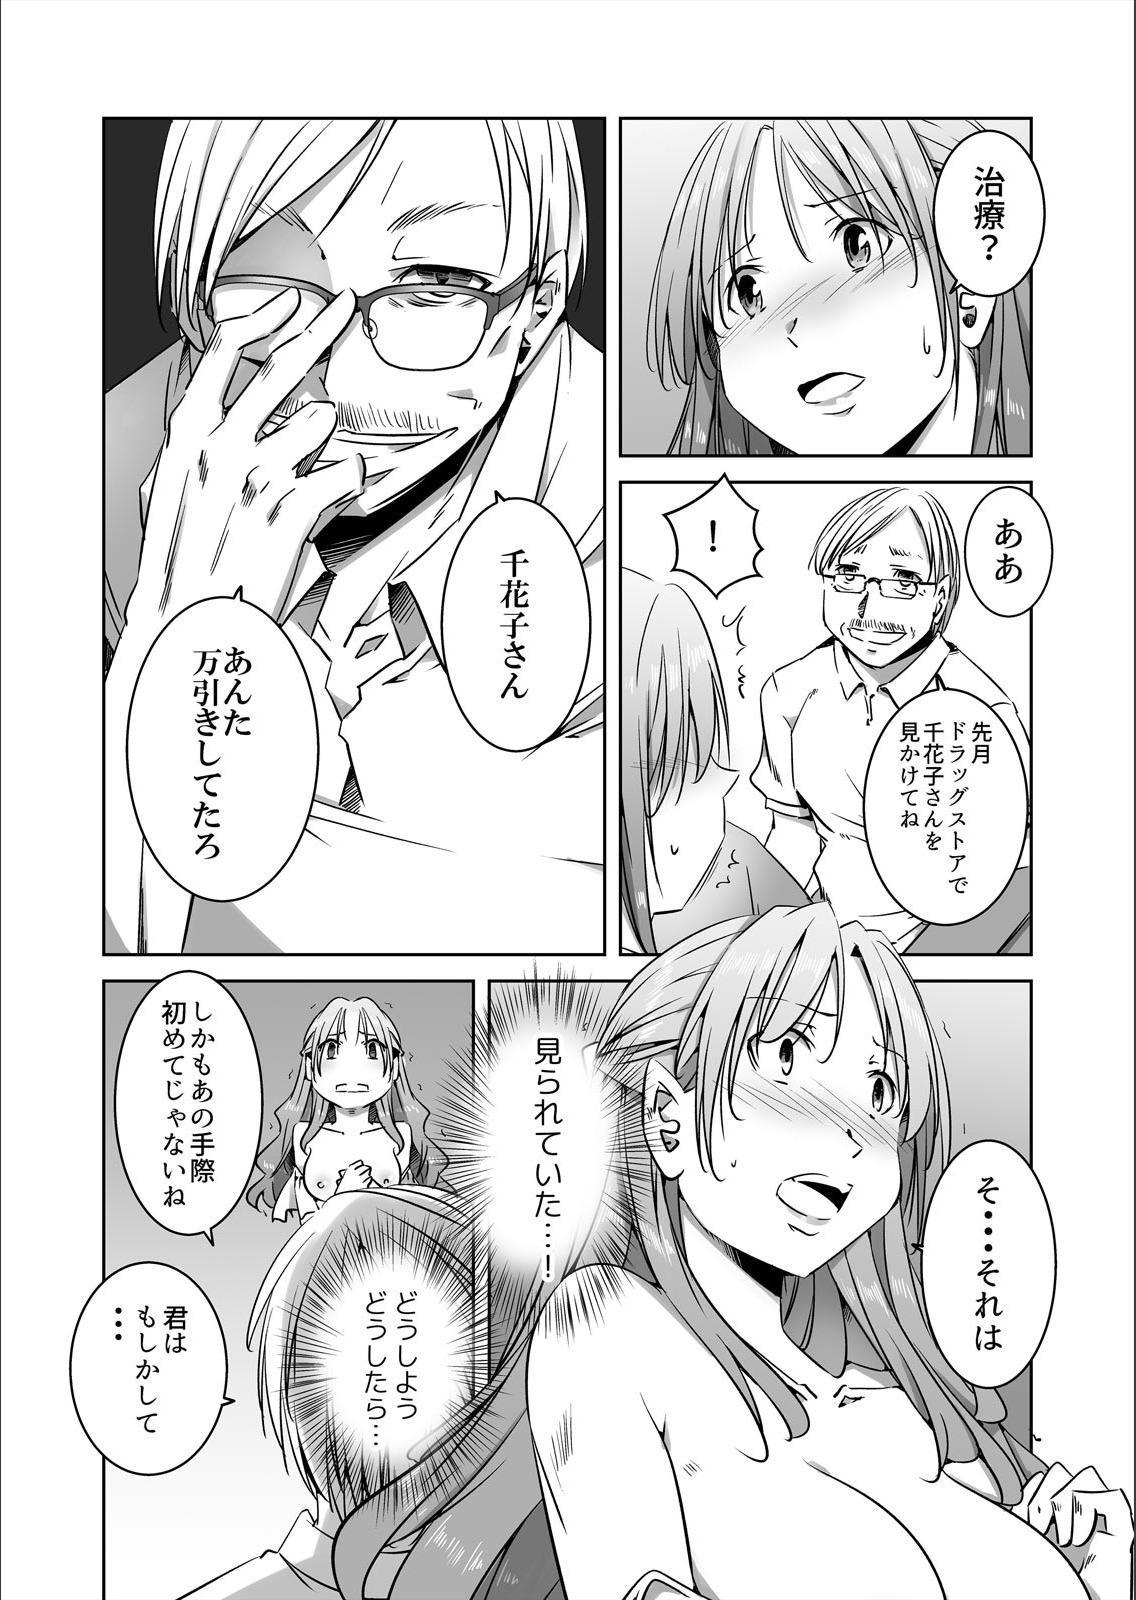 [Bokuboku] Nusumu Hitozuma, Okasu Gifu ~Shujin ni wa Iwanaide Kudasai...~ Ch.1 15